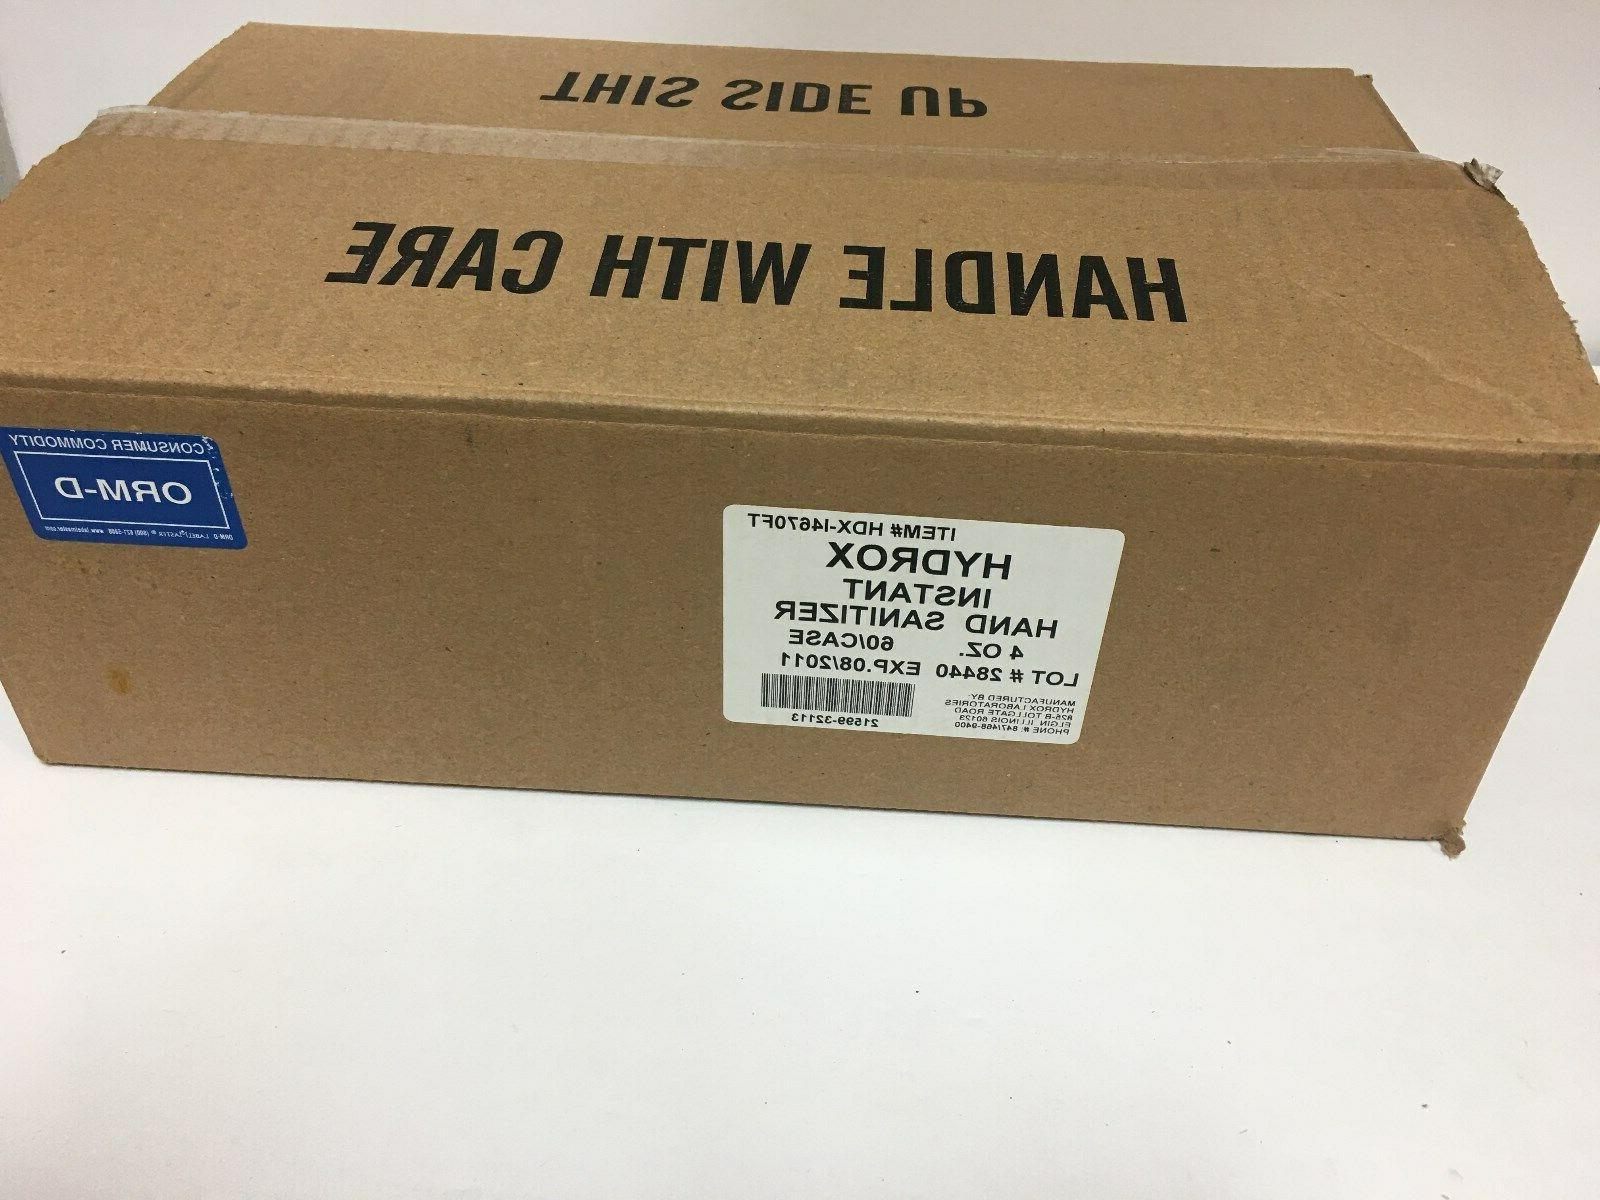 HYDROX Case Of Bottles 08/2011 Anti-Bacterial